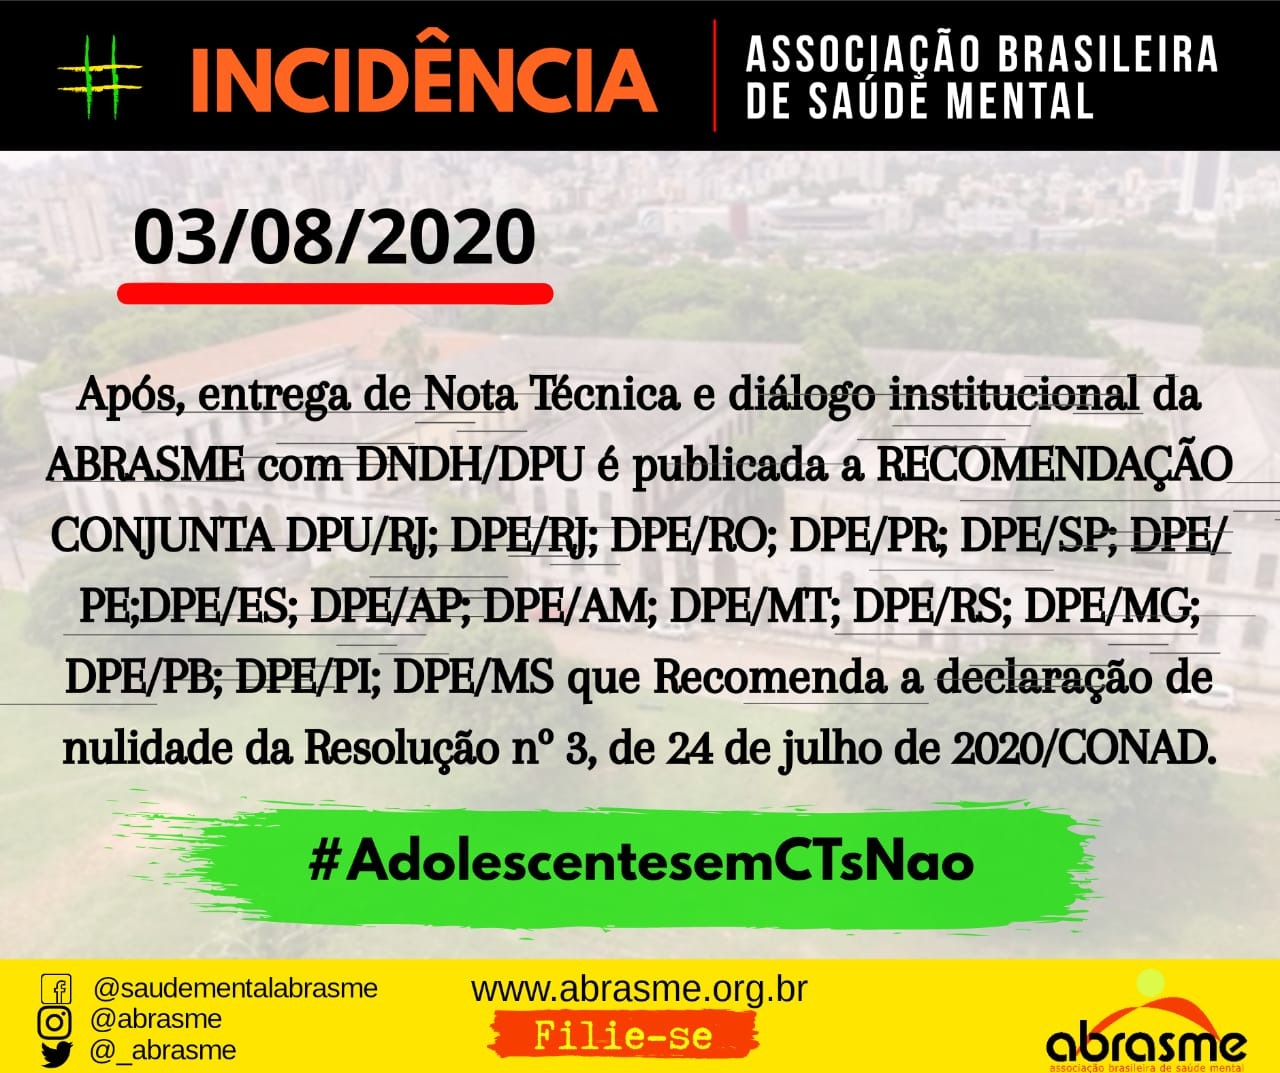 Recomendação Conjunta sobre regularização de acolhimento de adolescentes em CTs será encaminhada ao Ministério da Justiça